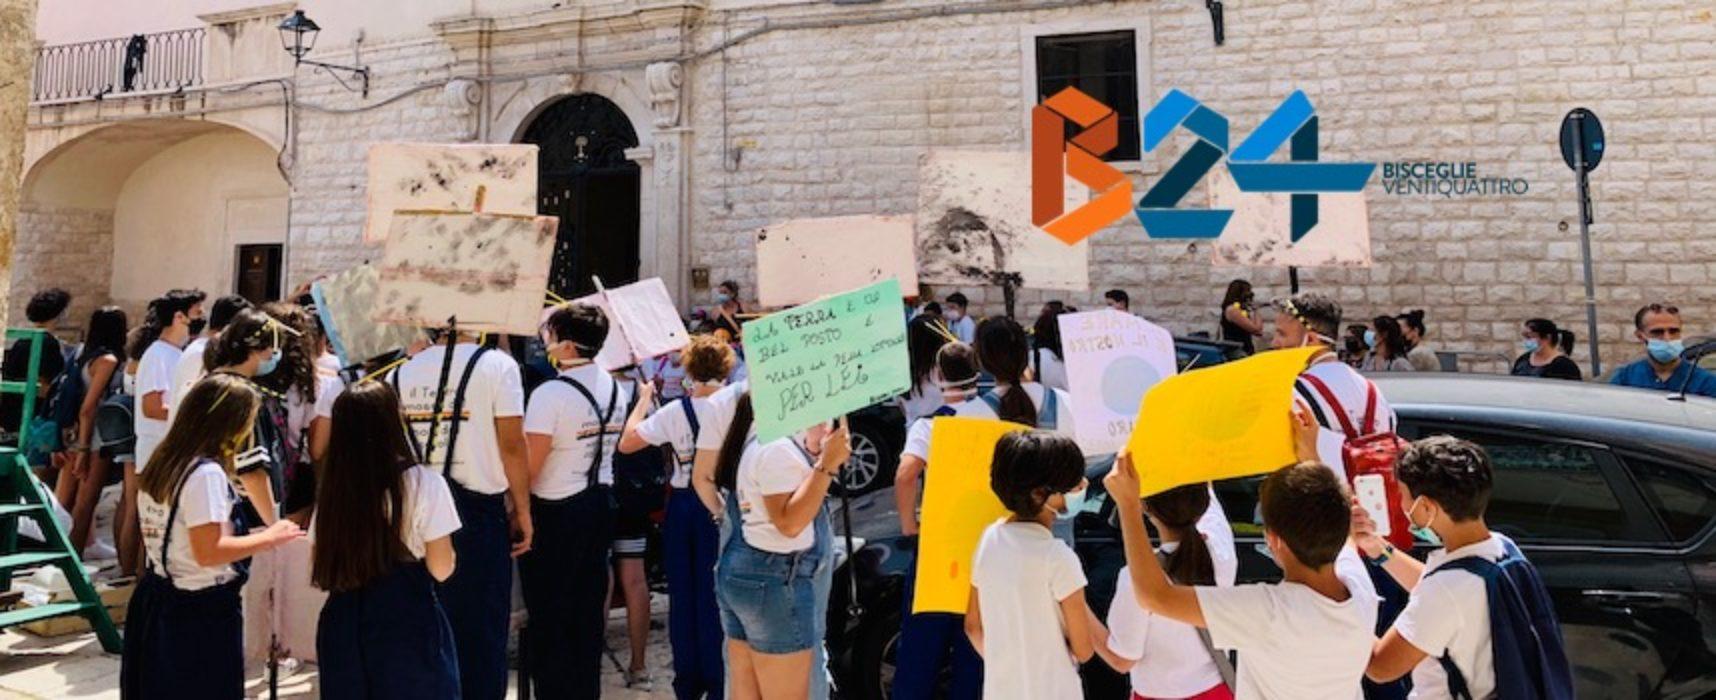 """Fridays for Future sotto Palazzo San Domenico: """"Agire ora per fermare catastrofe climatica"""" / FOTO"""